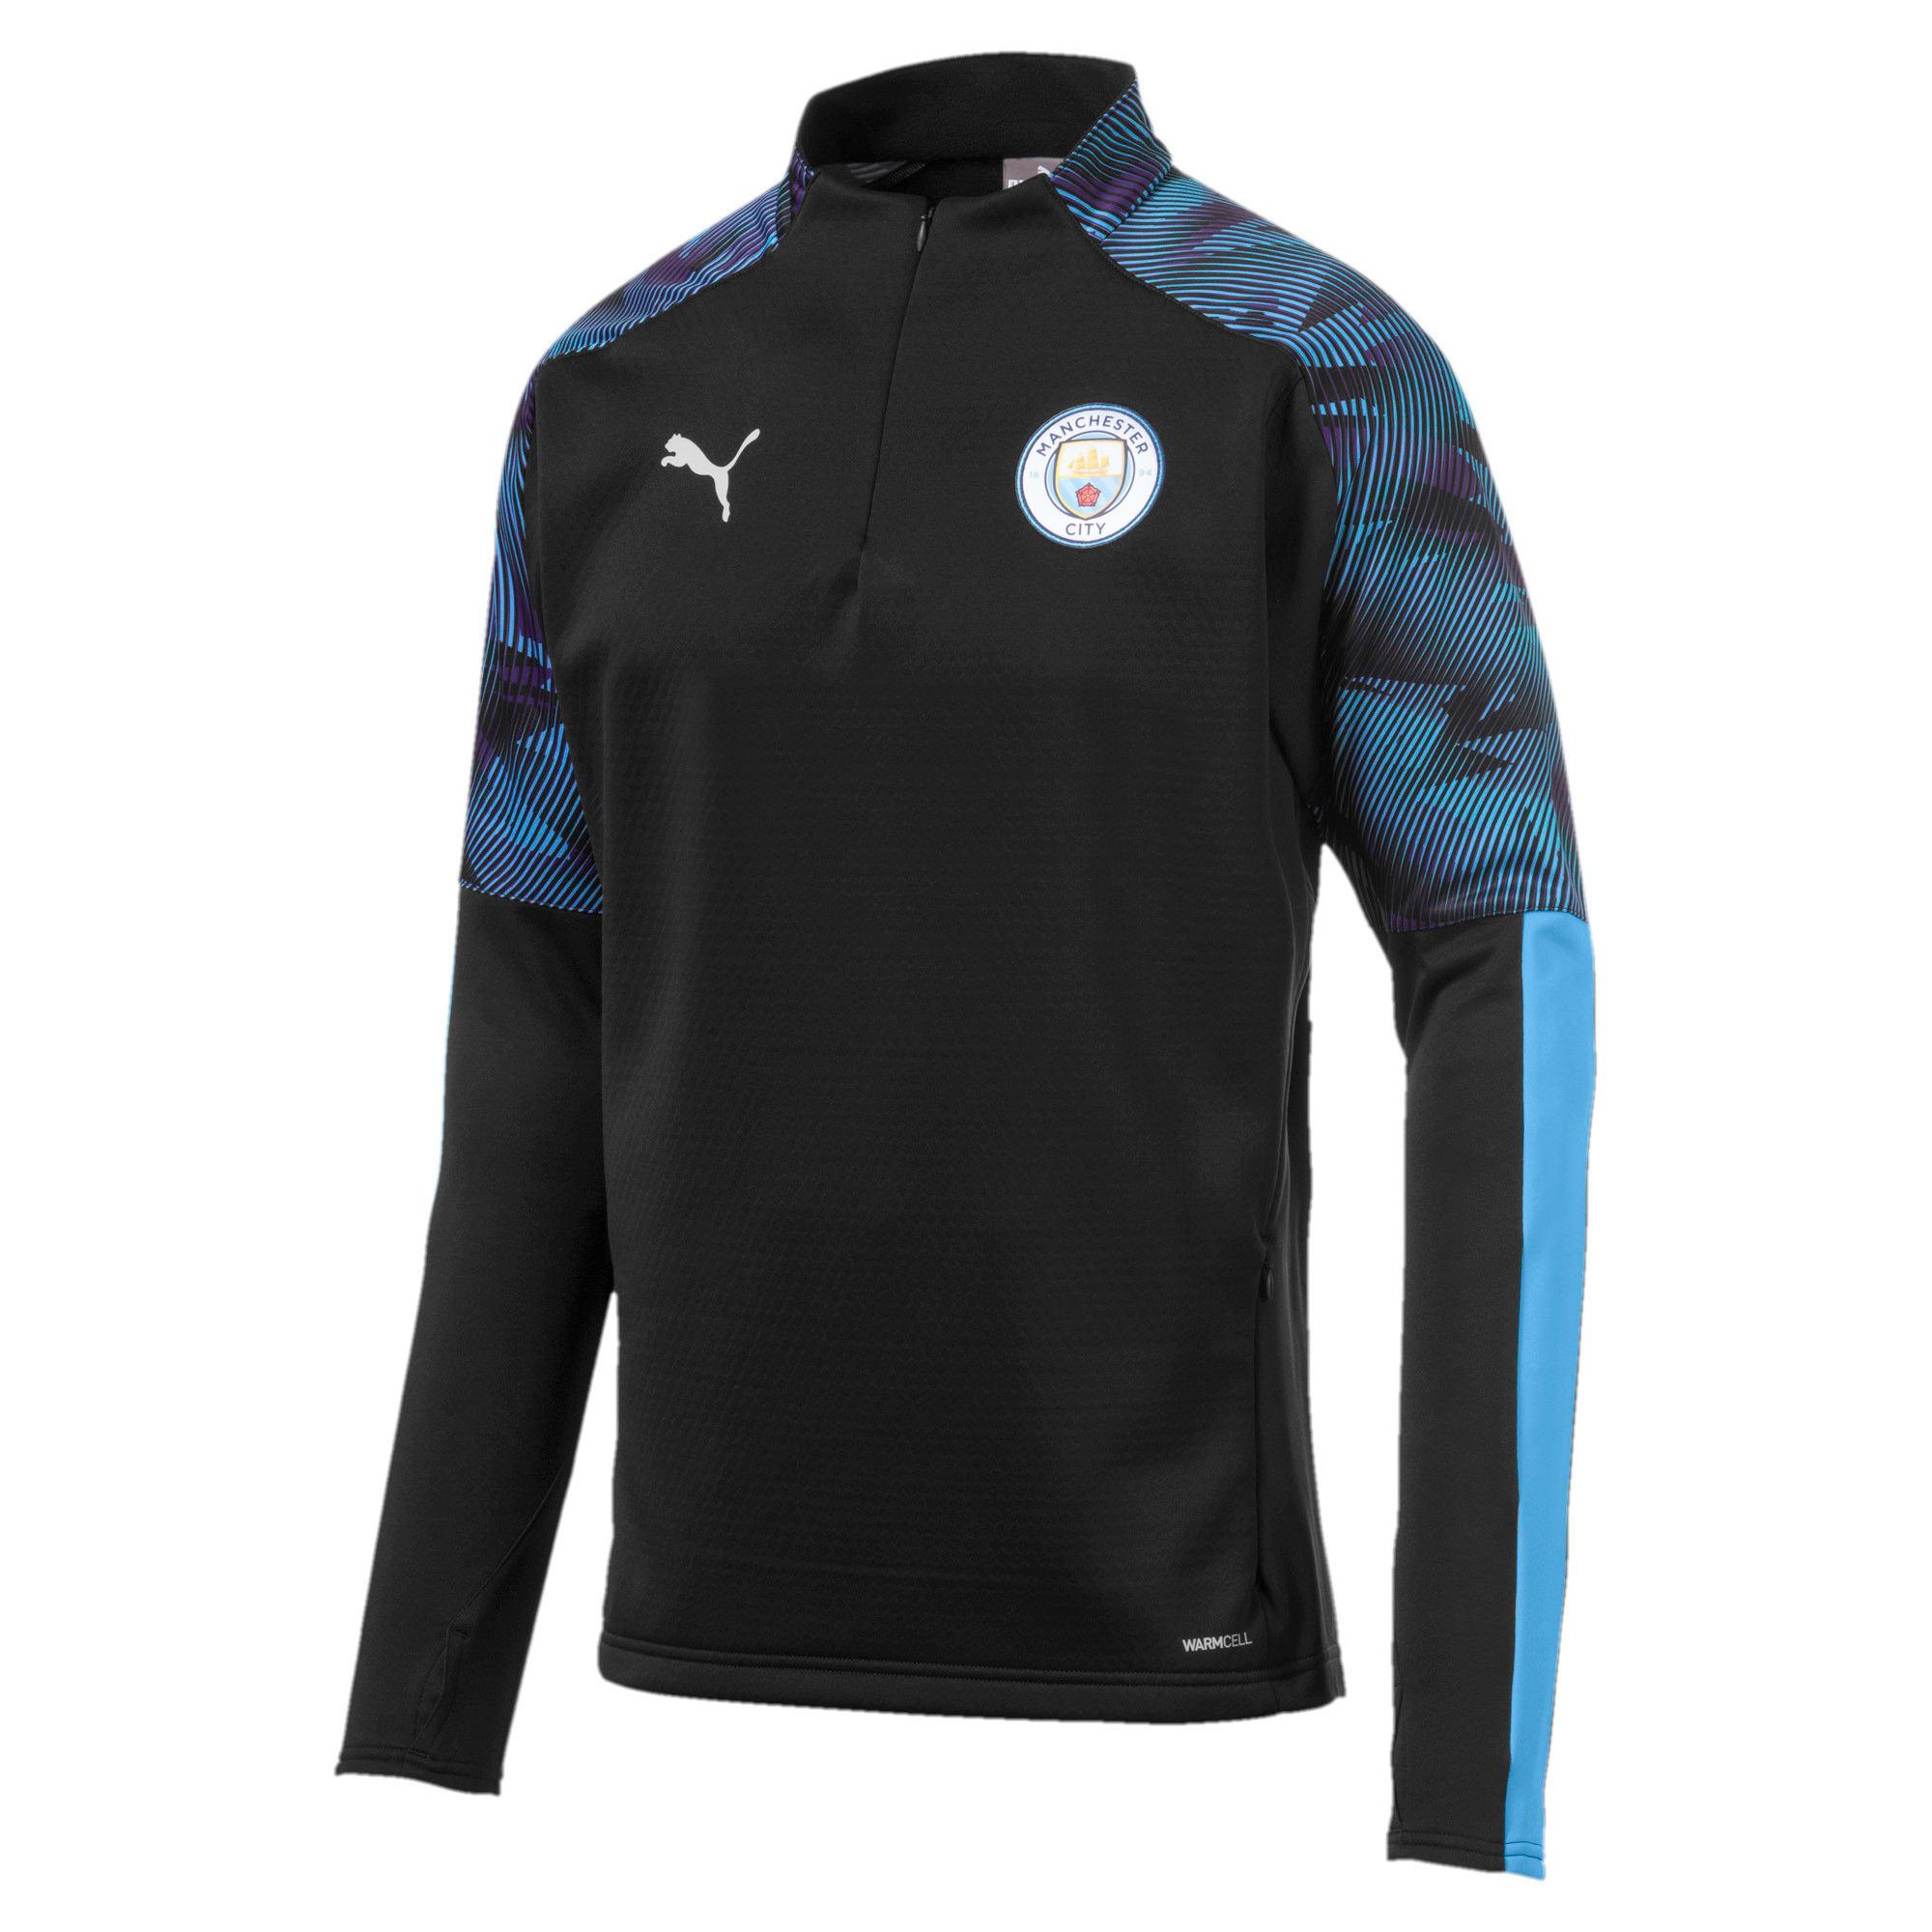 Thumbnail 1 of Man City Men's Training Fleece, Puma Black-Team Light Blue, medium